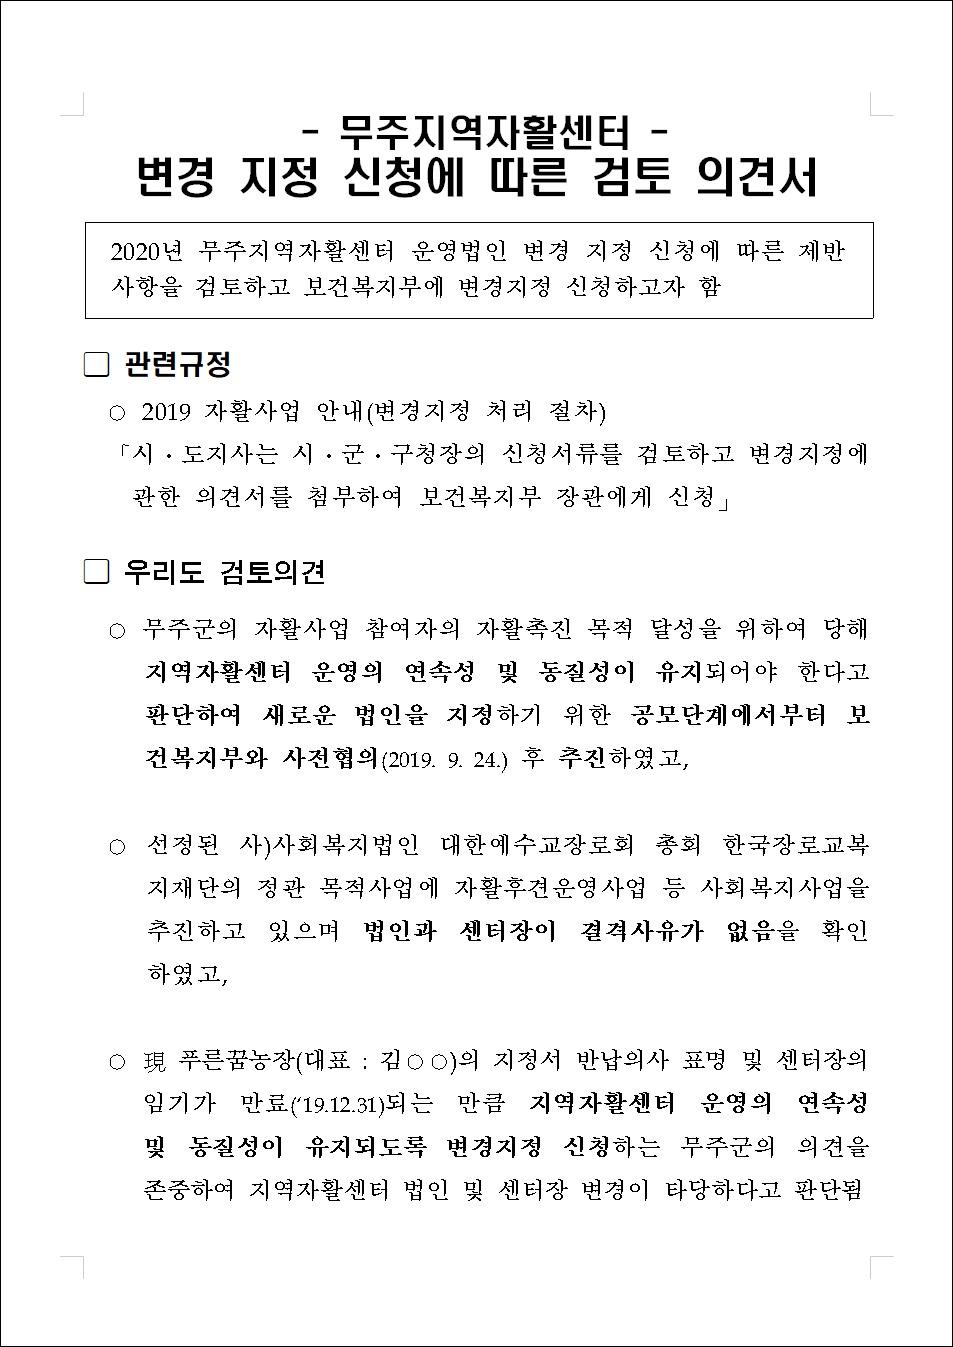 20.2.3_웹뉴스레터_무주지역자활센터4.jpg